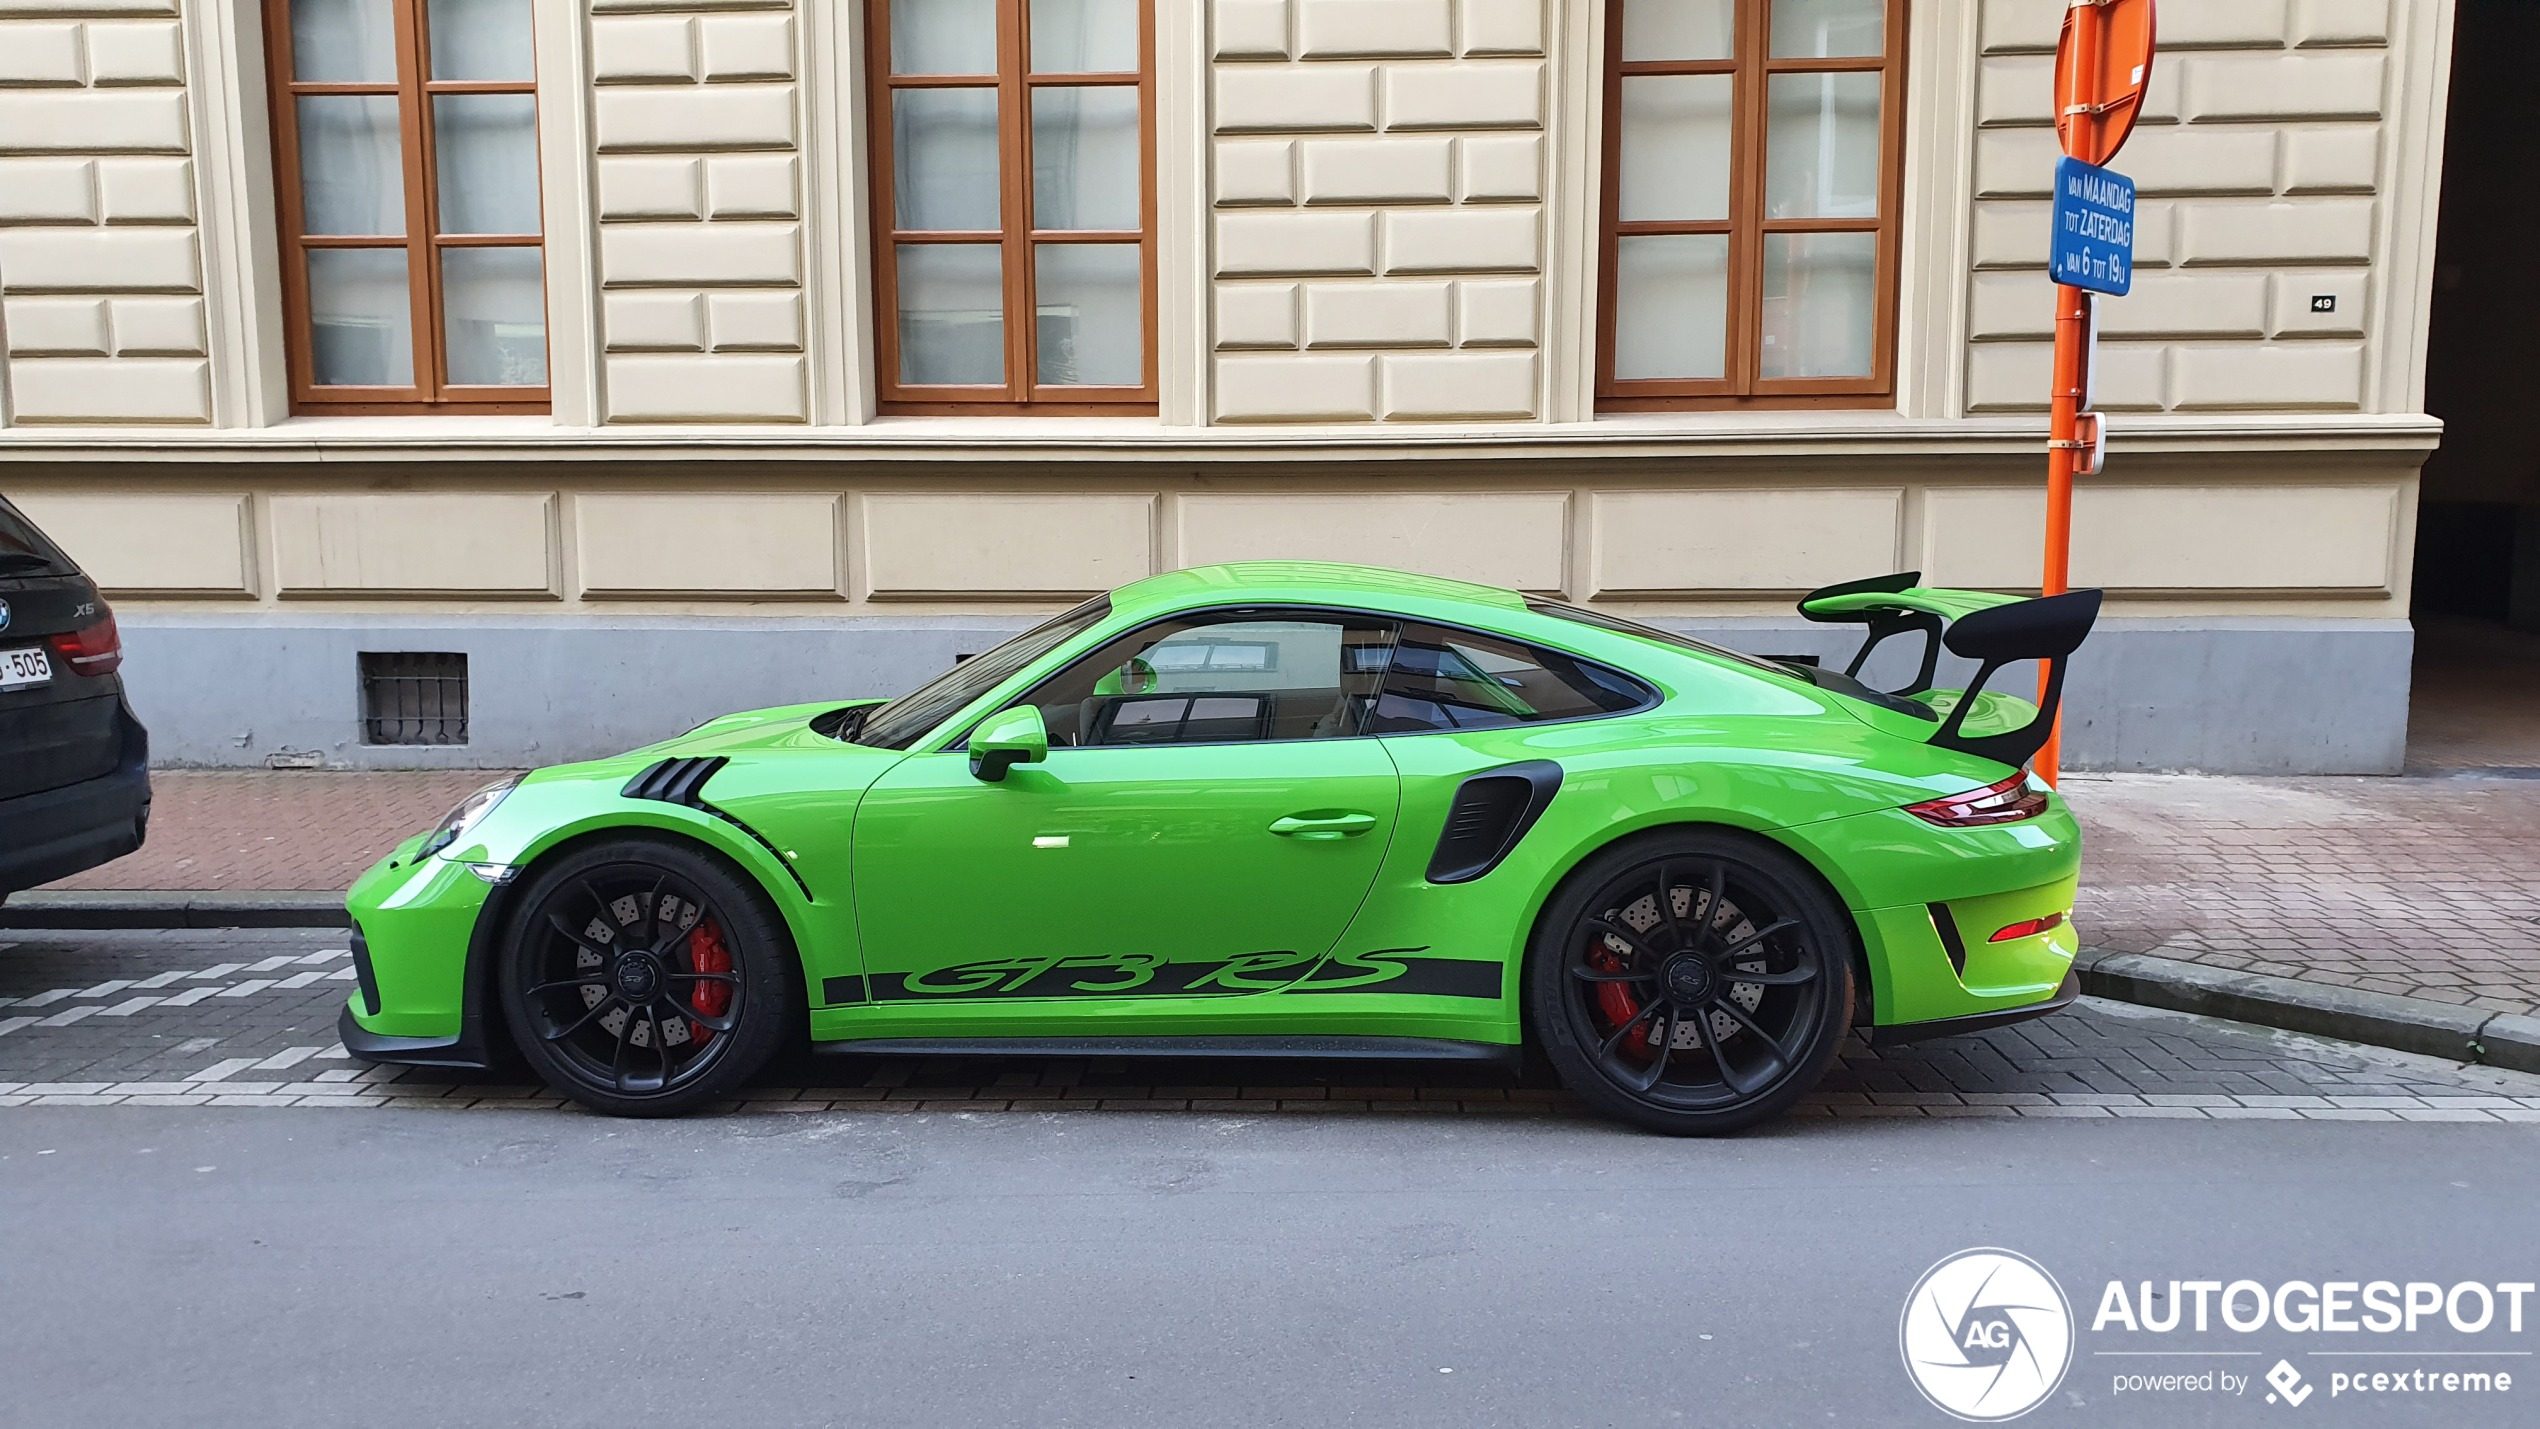 Porsche 991 Gt3 Rs Mkii 20 January 2020 Autogespot